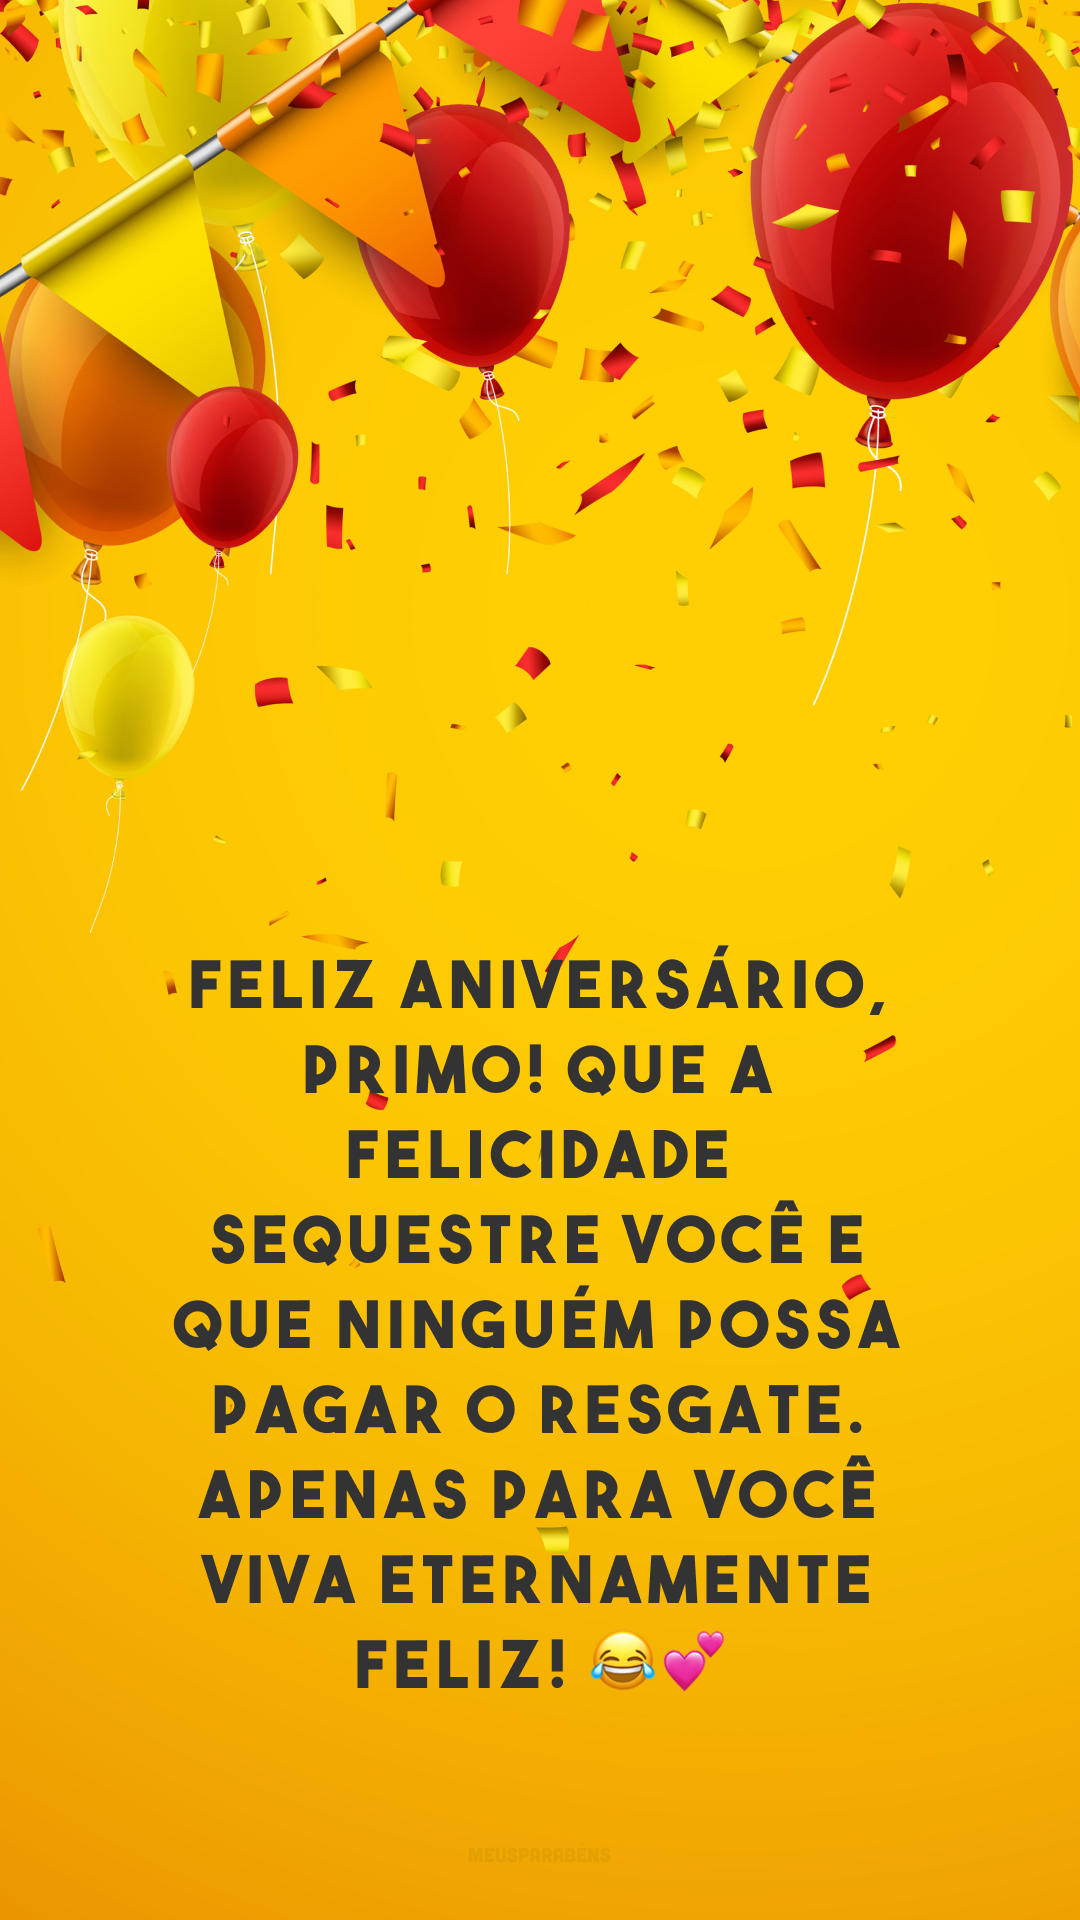 Feliz aniversário, primo! Que a felicidade sequestre você e que ninguém possa pagar o resgate. Apenas para você viva eternamente feliz! 😂💕